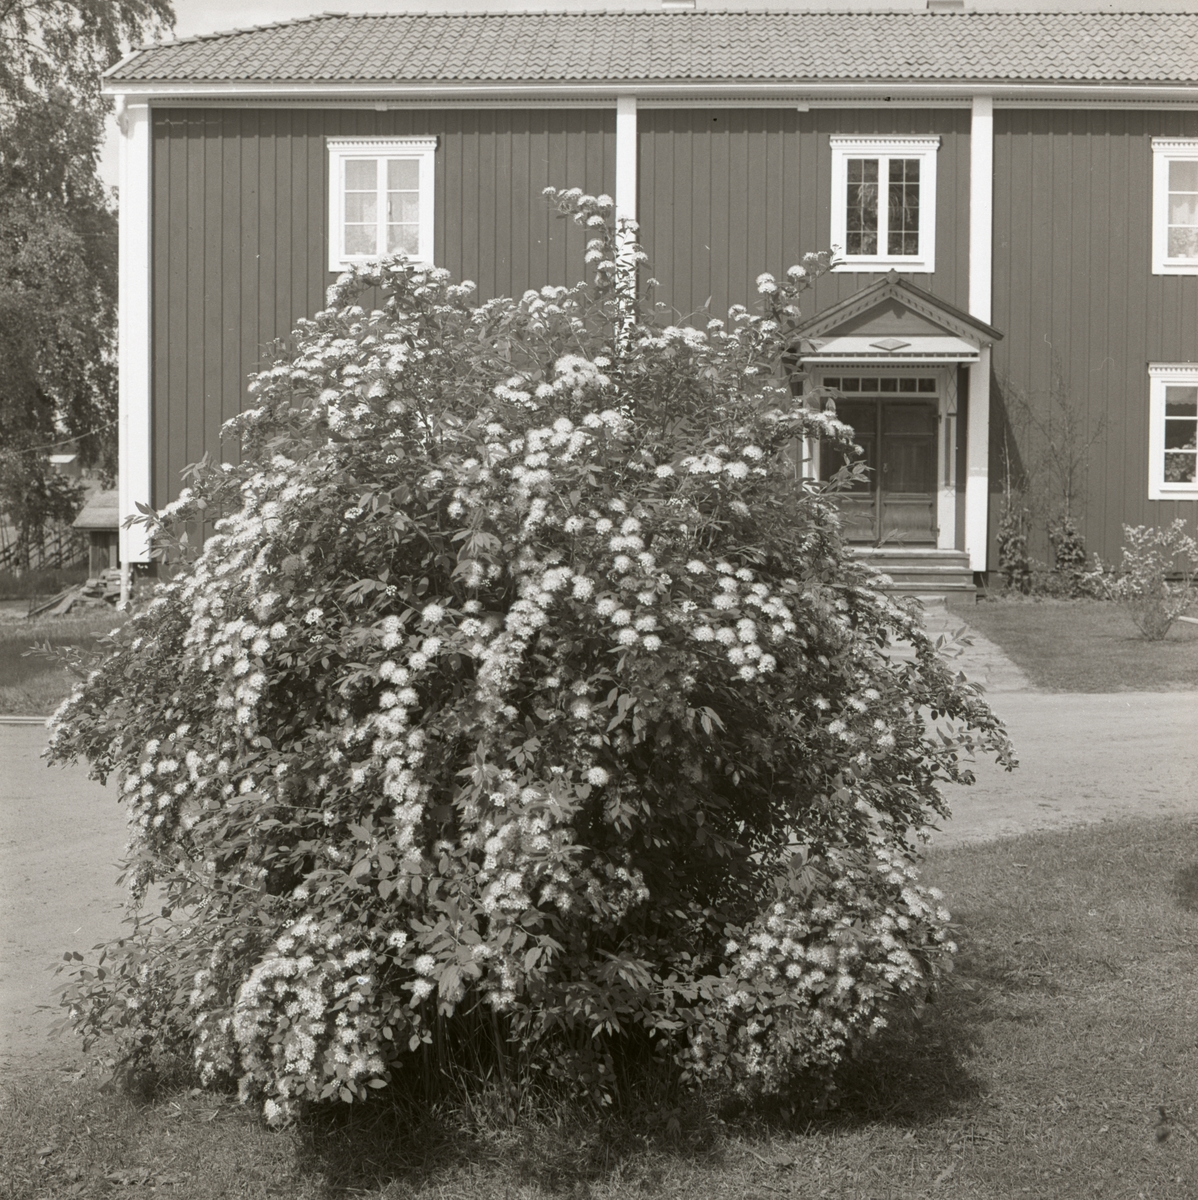 En blommande buske framför bostadshuset vid gården Sunnanåker, 1972.